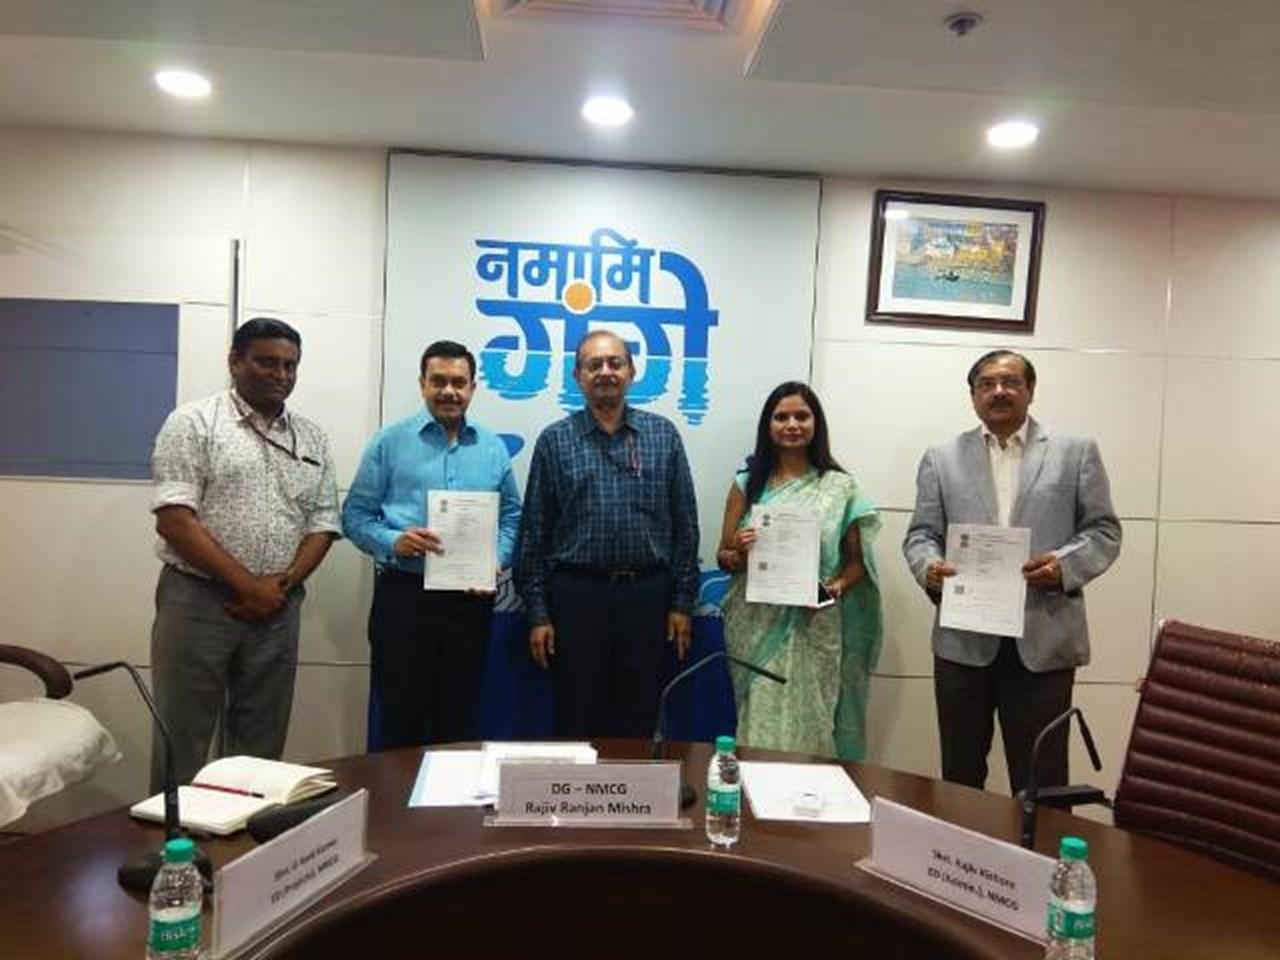 NMGC approves new projects for rejuvenation of 6 rivers in Uttarakhand | NMGC উত্তরাখণ্ডের 6 টি নদী পুনরুজ্জীবিত করার জন্য নতুন প্রকল্প চালু করেছে_40.1